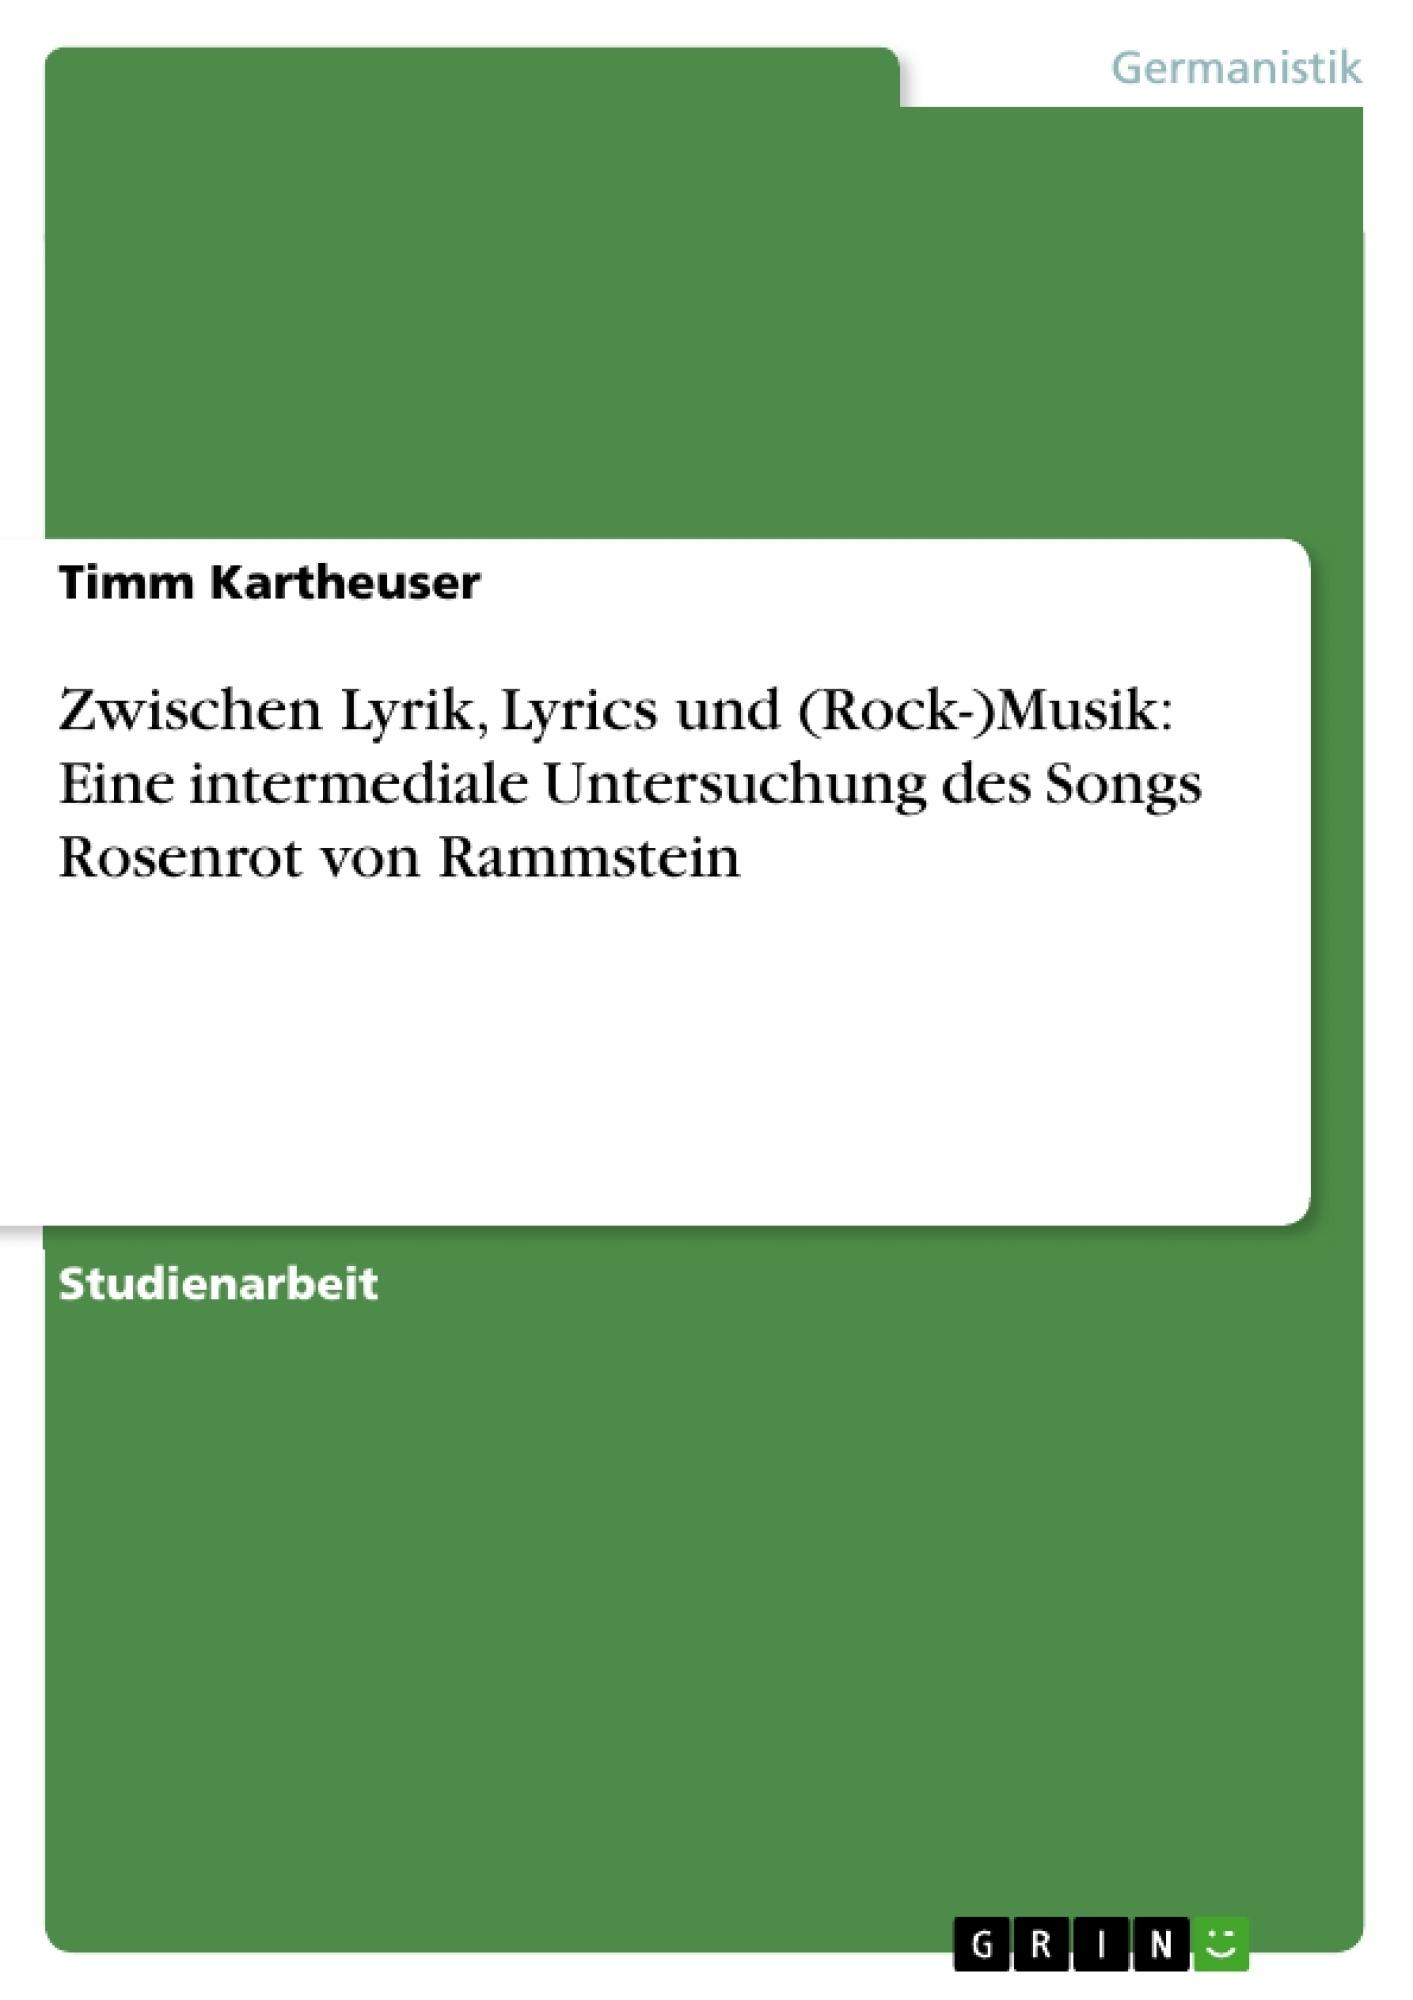 Titel: Zwischen Lyrik, Lyrics und (Rock-)Musik: Eine intermediale Untersuchung des Songs Rosenrot von Rammstein